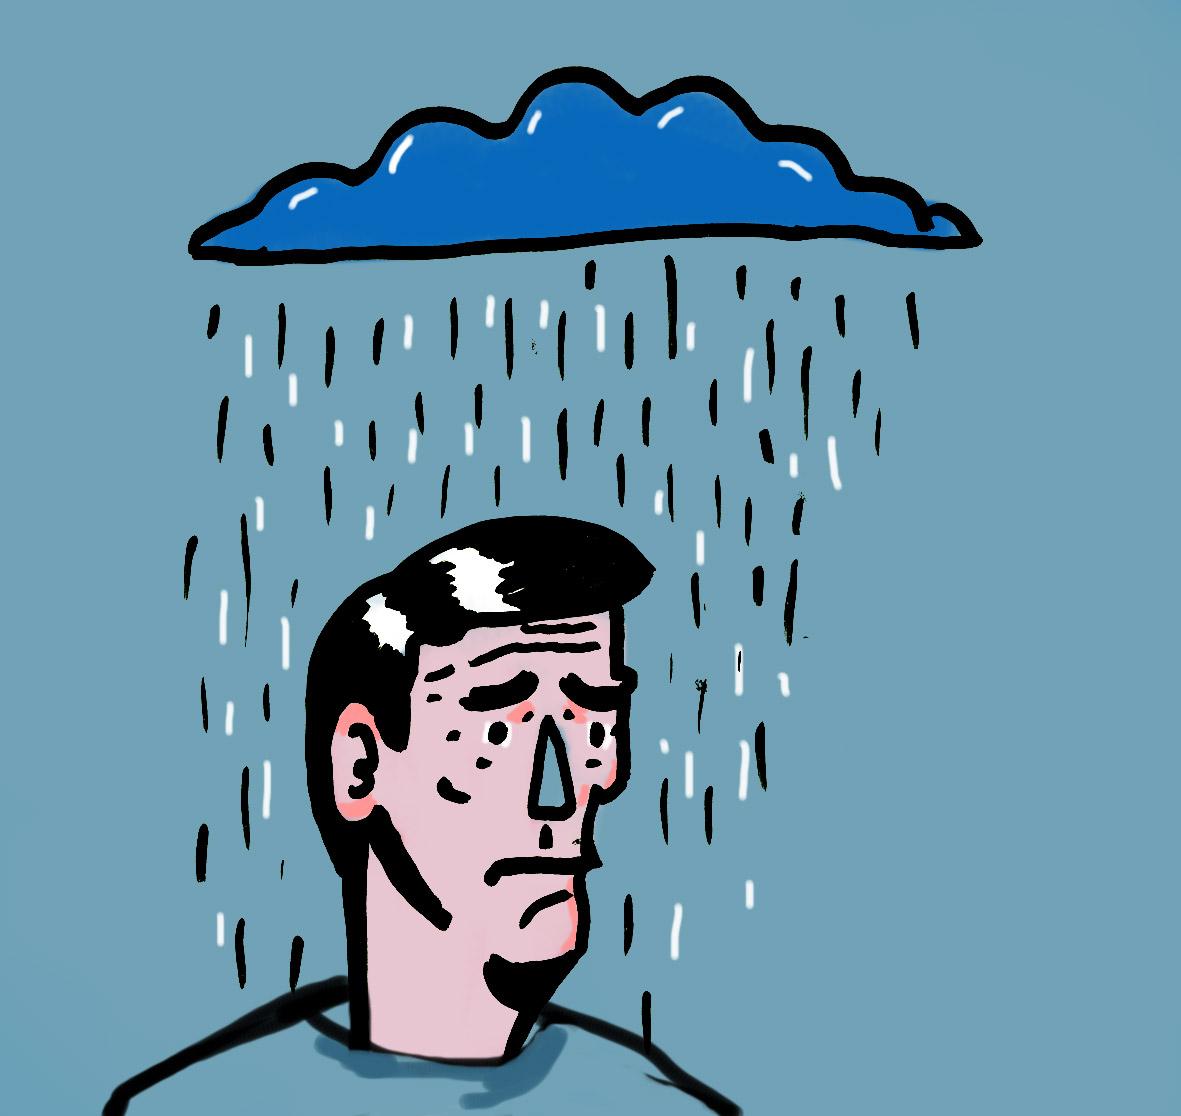 Slikovni rezultat za depresija